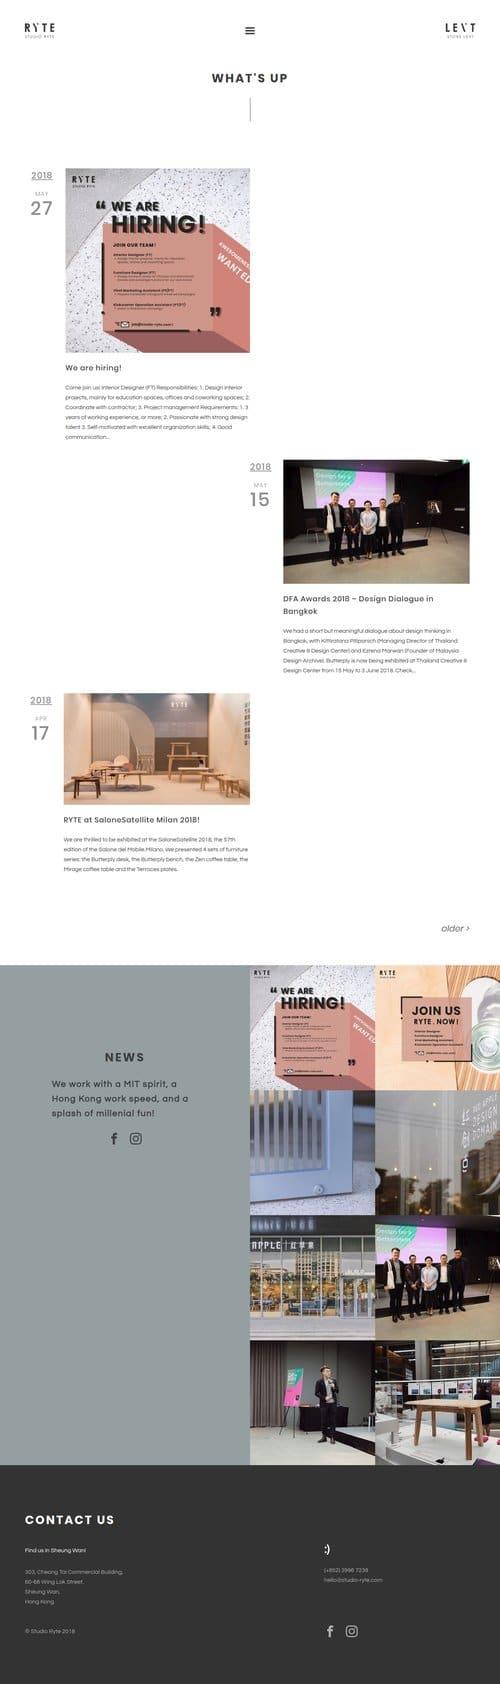 Blog for Studio Ryte